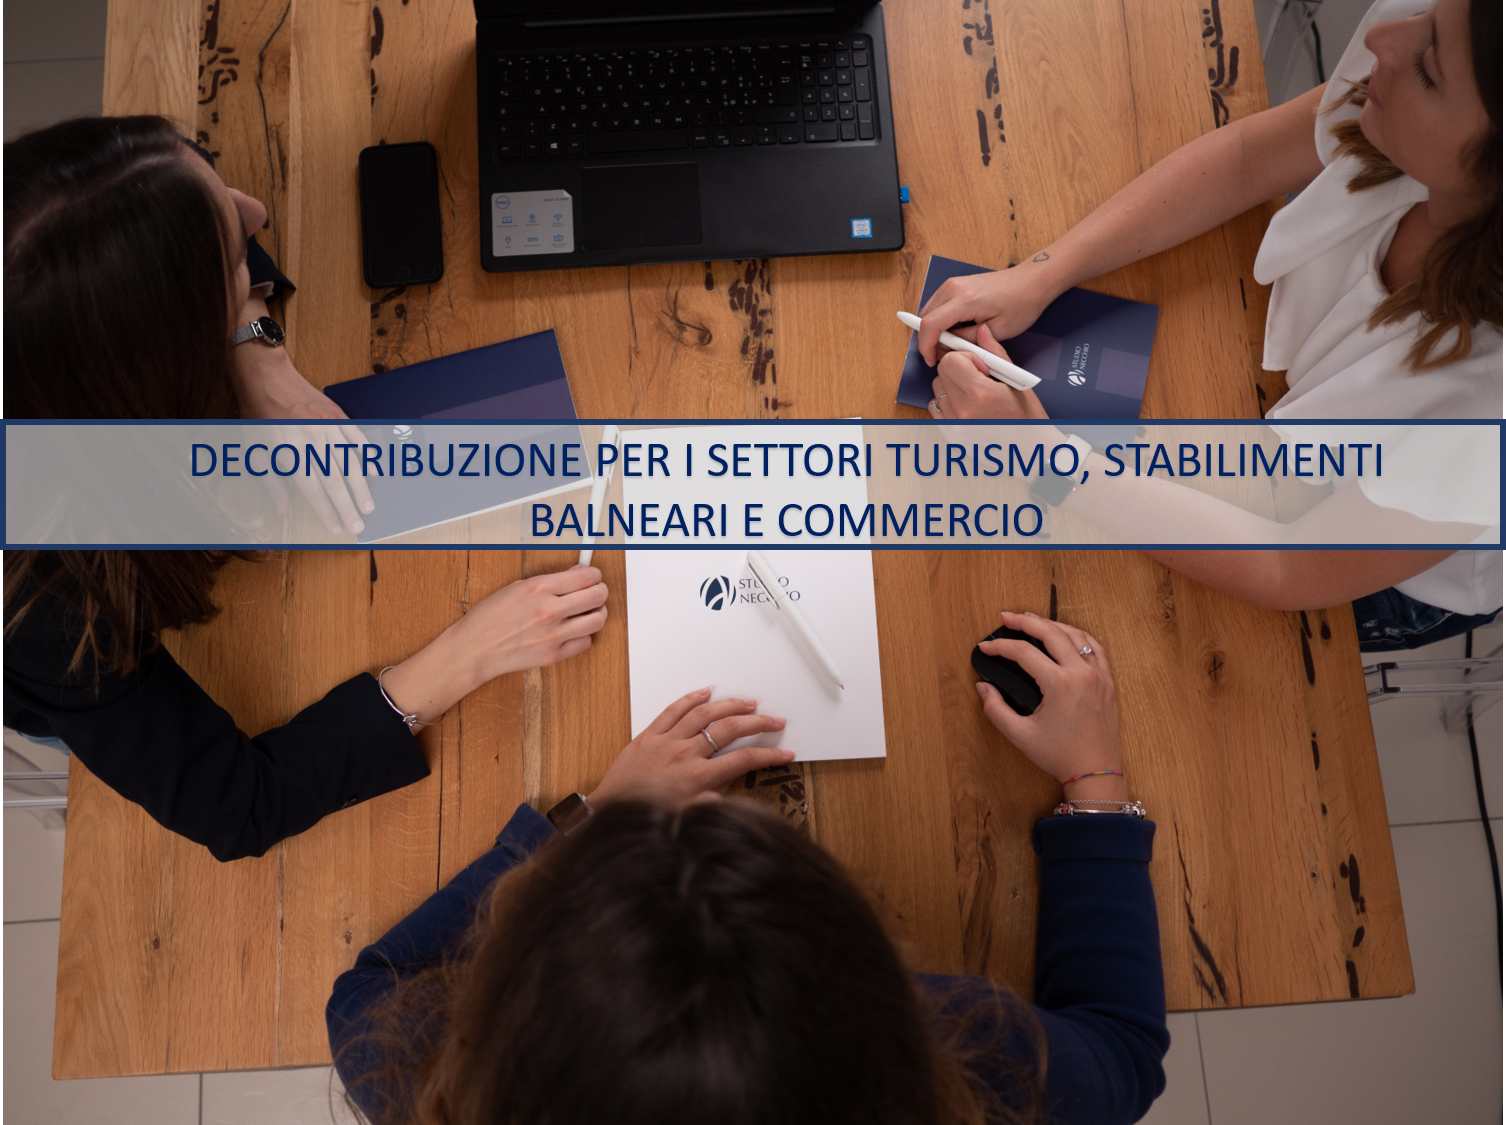 DECONTRIBUZIONE PER I SETTORI TURISMO, STABILIMENTI BALNEARI E COMMERCIO